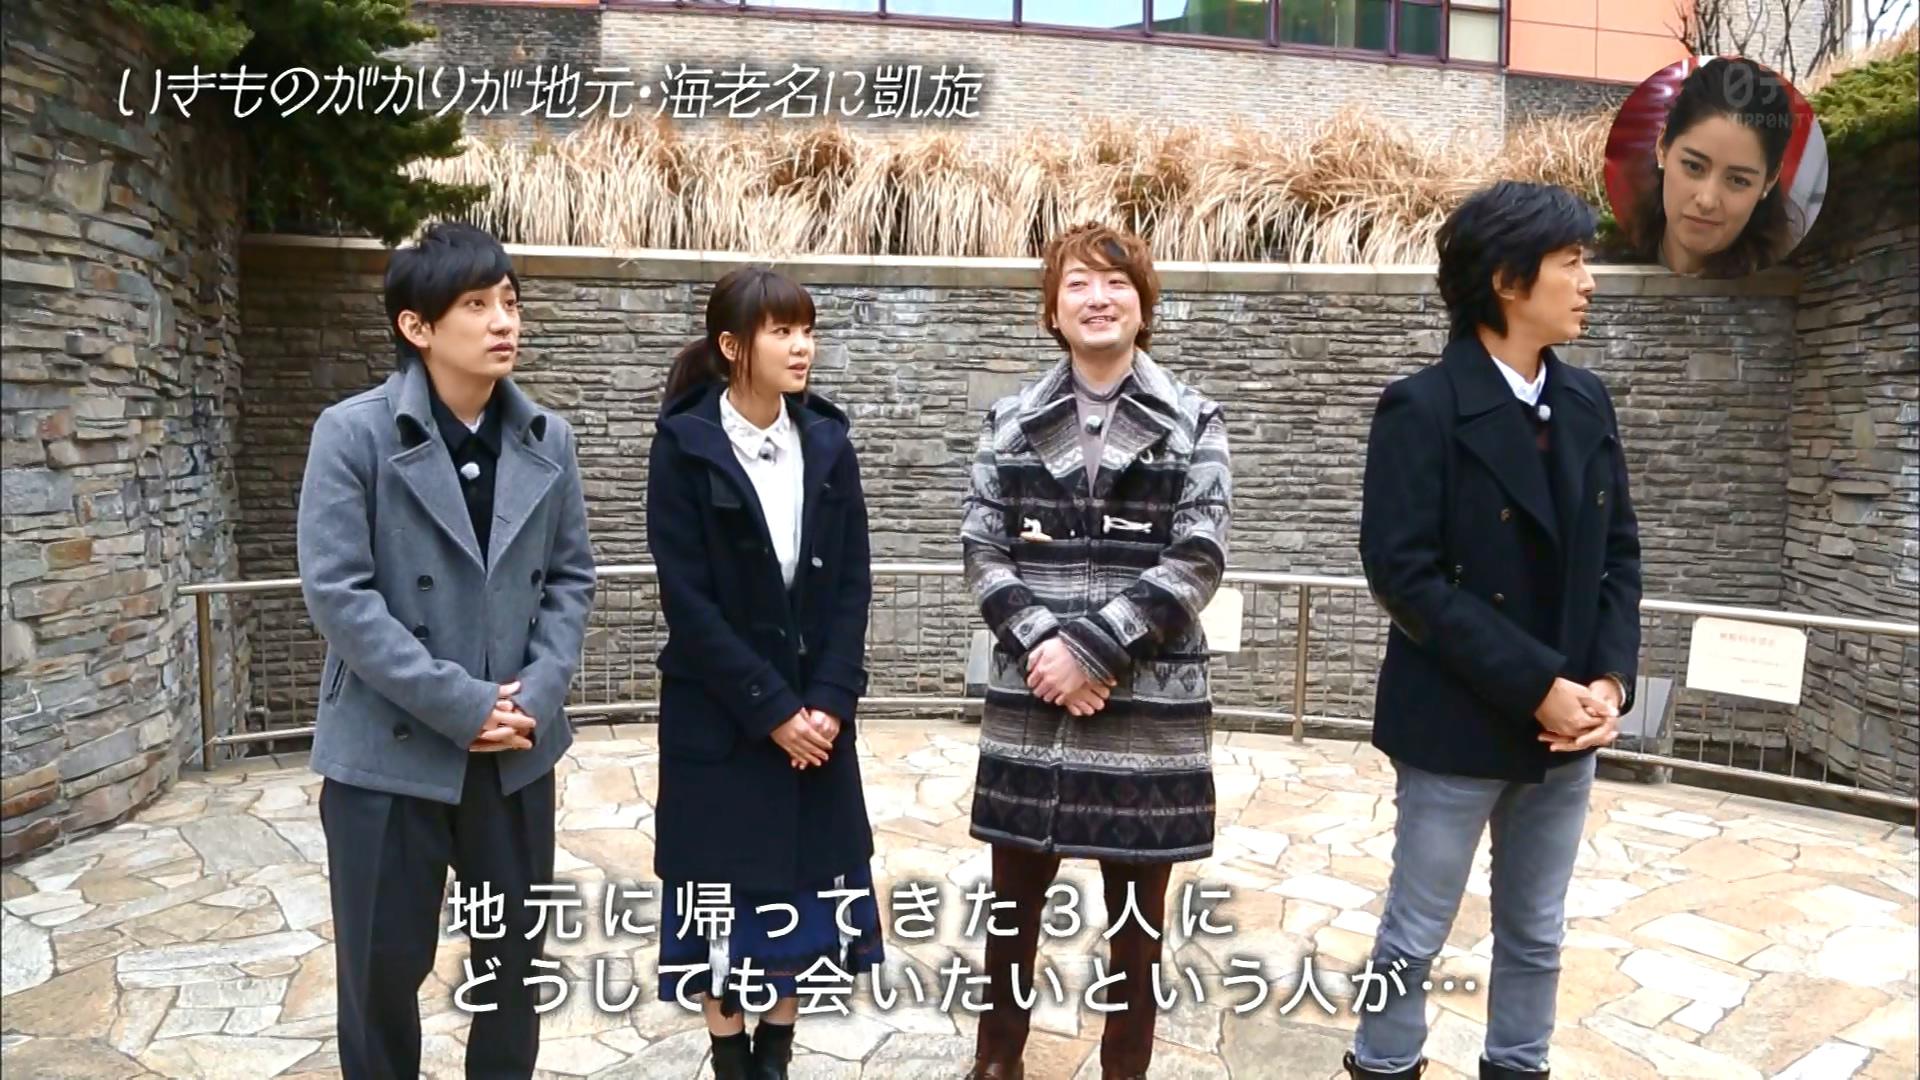 2016.03.13 全場(おしゃれイズム).ts_20160314_011244.247